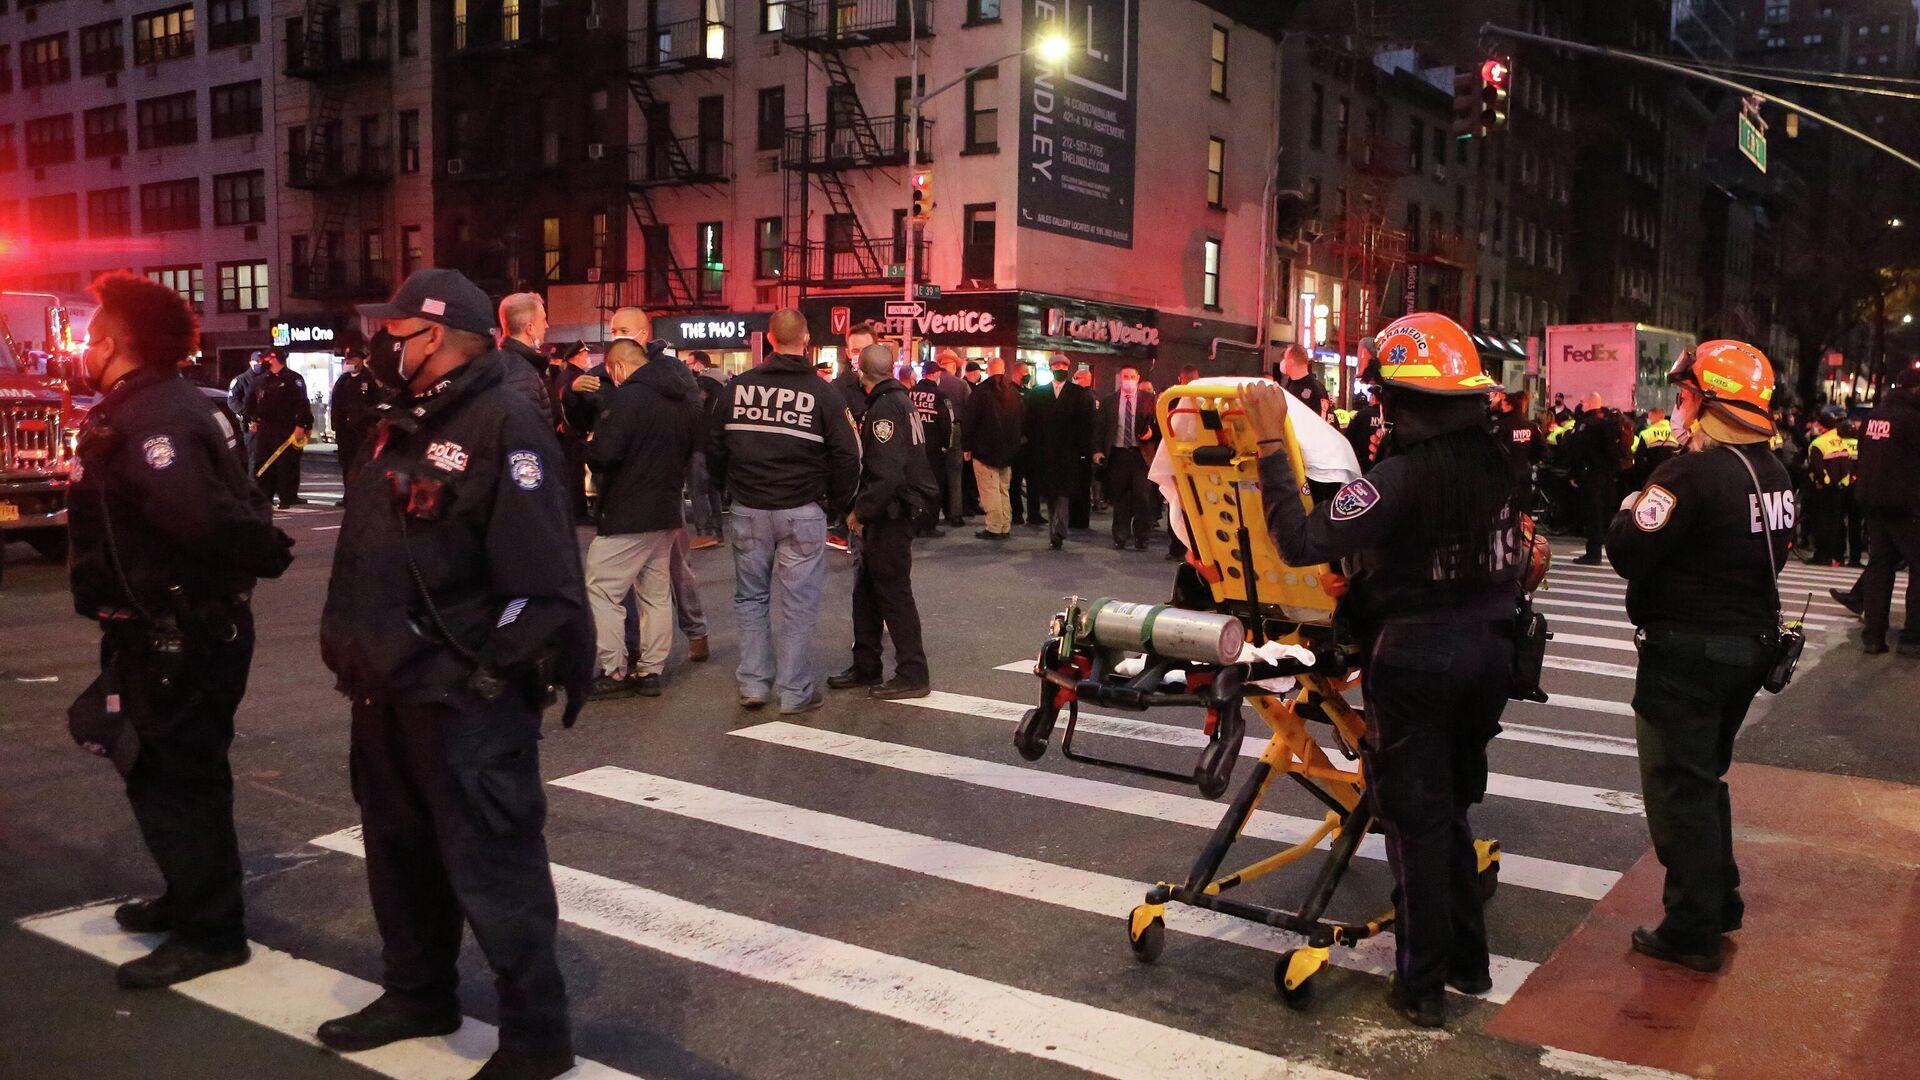 Автомобиль врезался в толпу демонстрантов в центре Нью-Йорка - РИА Новости, 1920, 12.12.2020